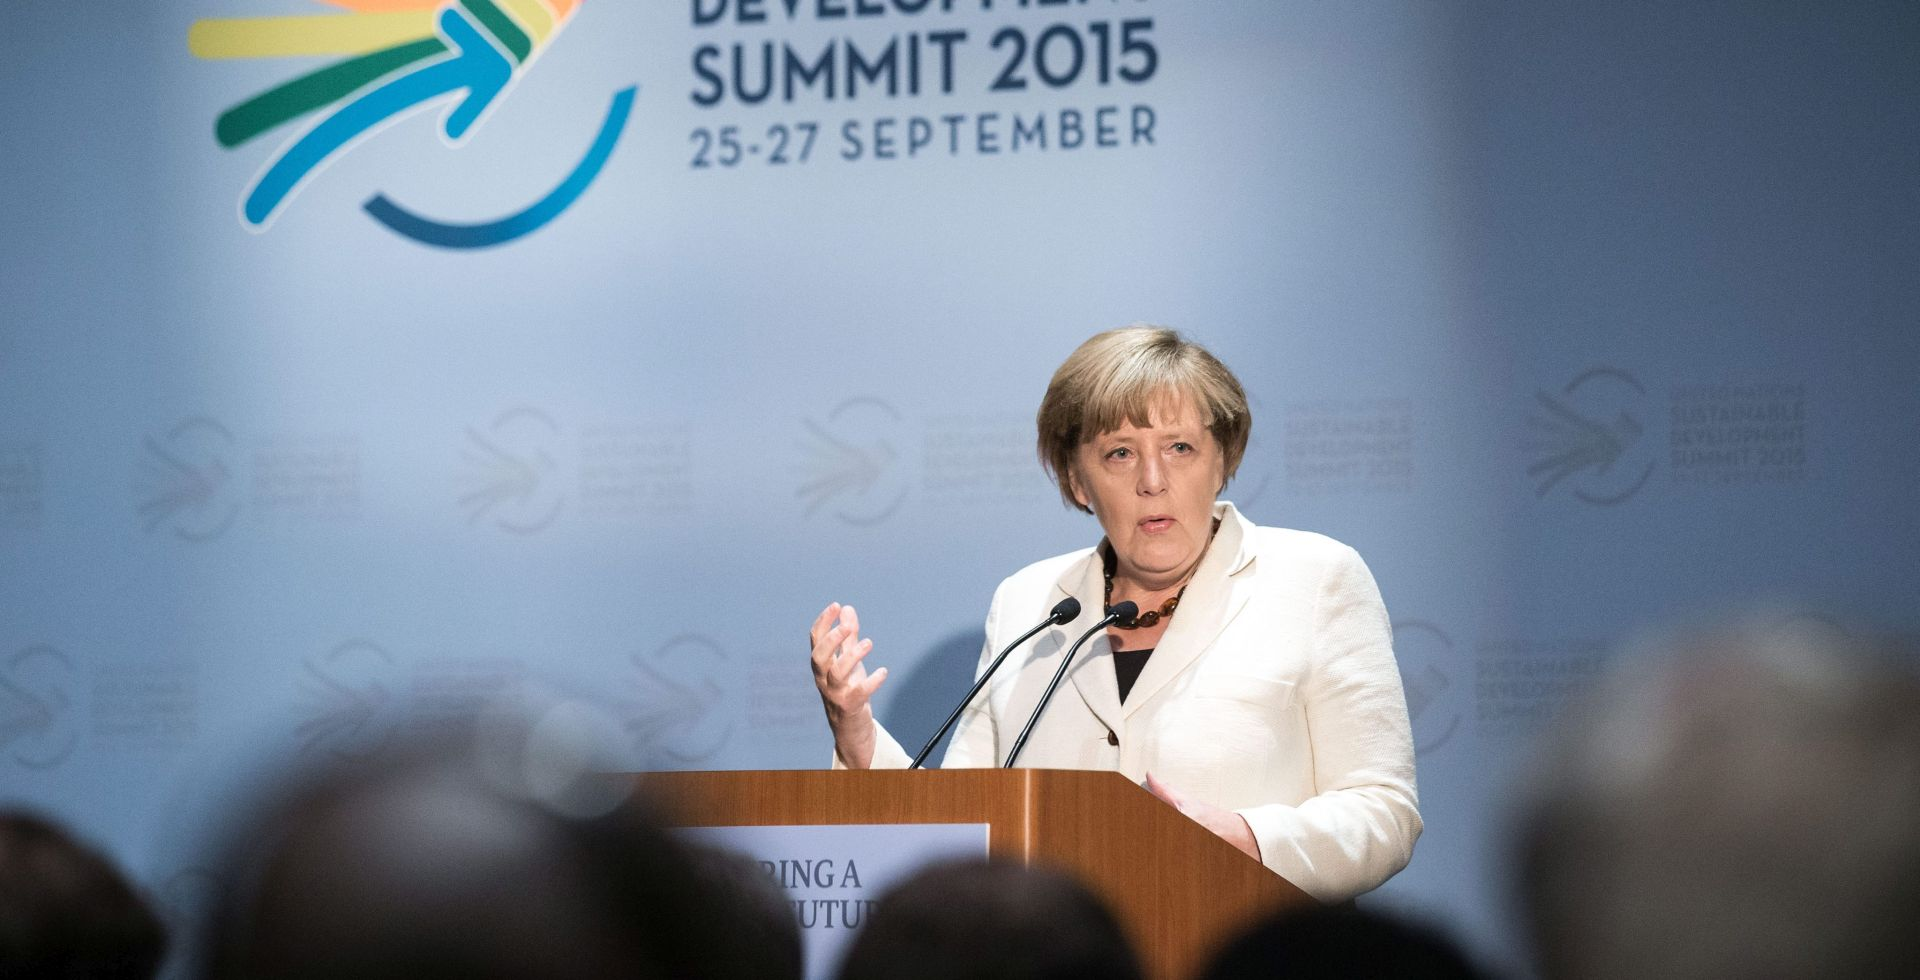 ŽELE U VIJEĆE SIGURNOSTI Merkel se pridružila glasovima Brazila, Indije i Japana